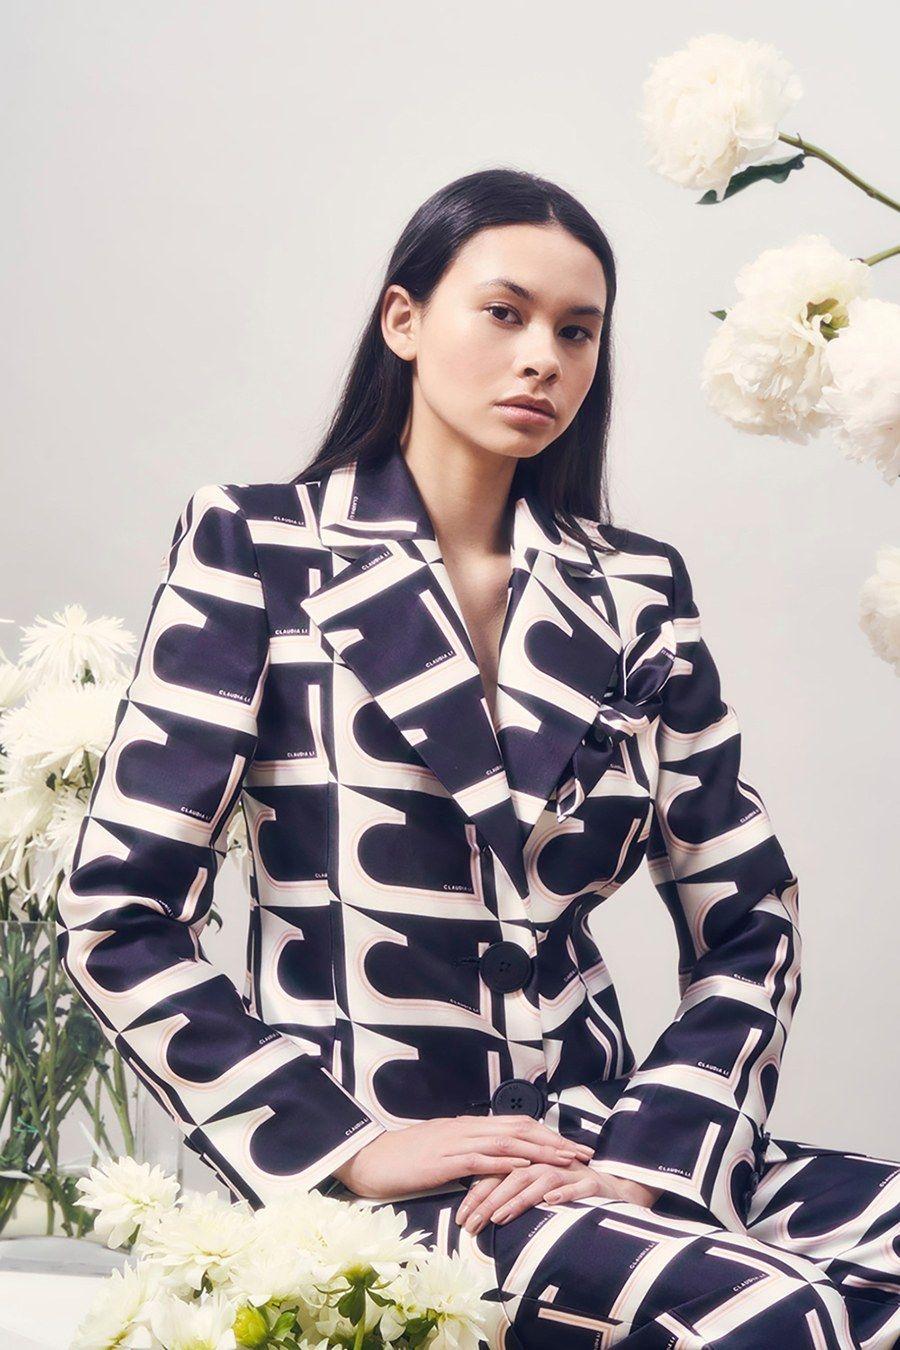 Claudia Li Resort 2020 Fashion Show Модный показ, Модные